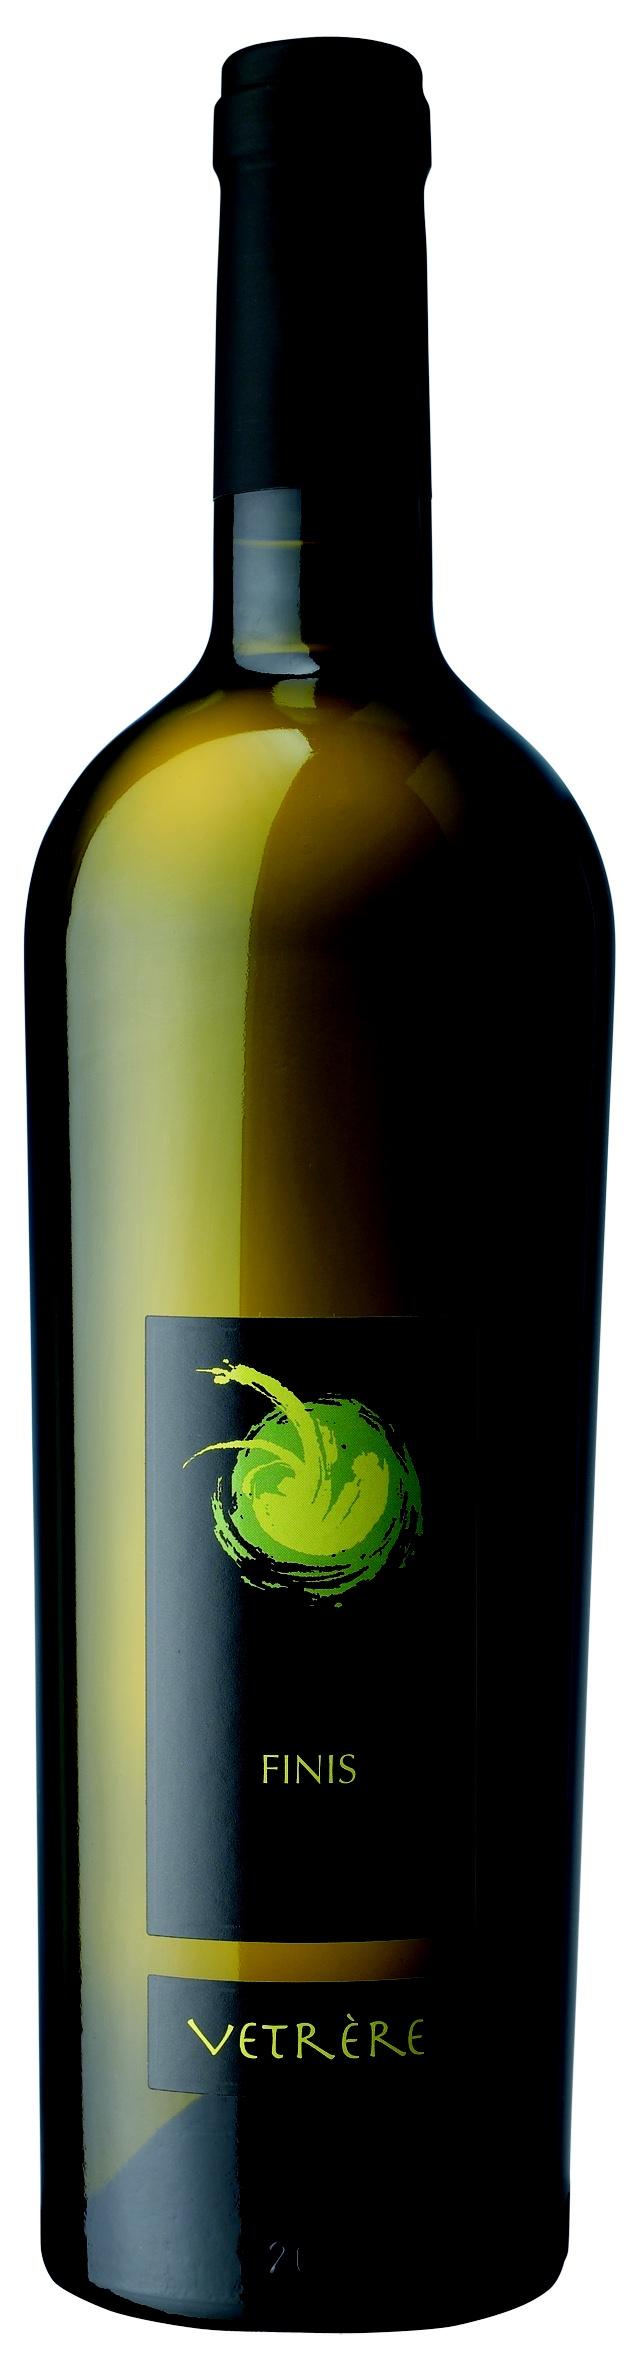 FINIS (Bianco) Salento bianco IGT Uve: Chardonnay Abbinamento ai cibi: aperitivi, piatti di pesce, ricotta fresca, formaggi a pasta filata